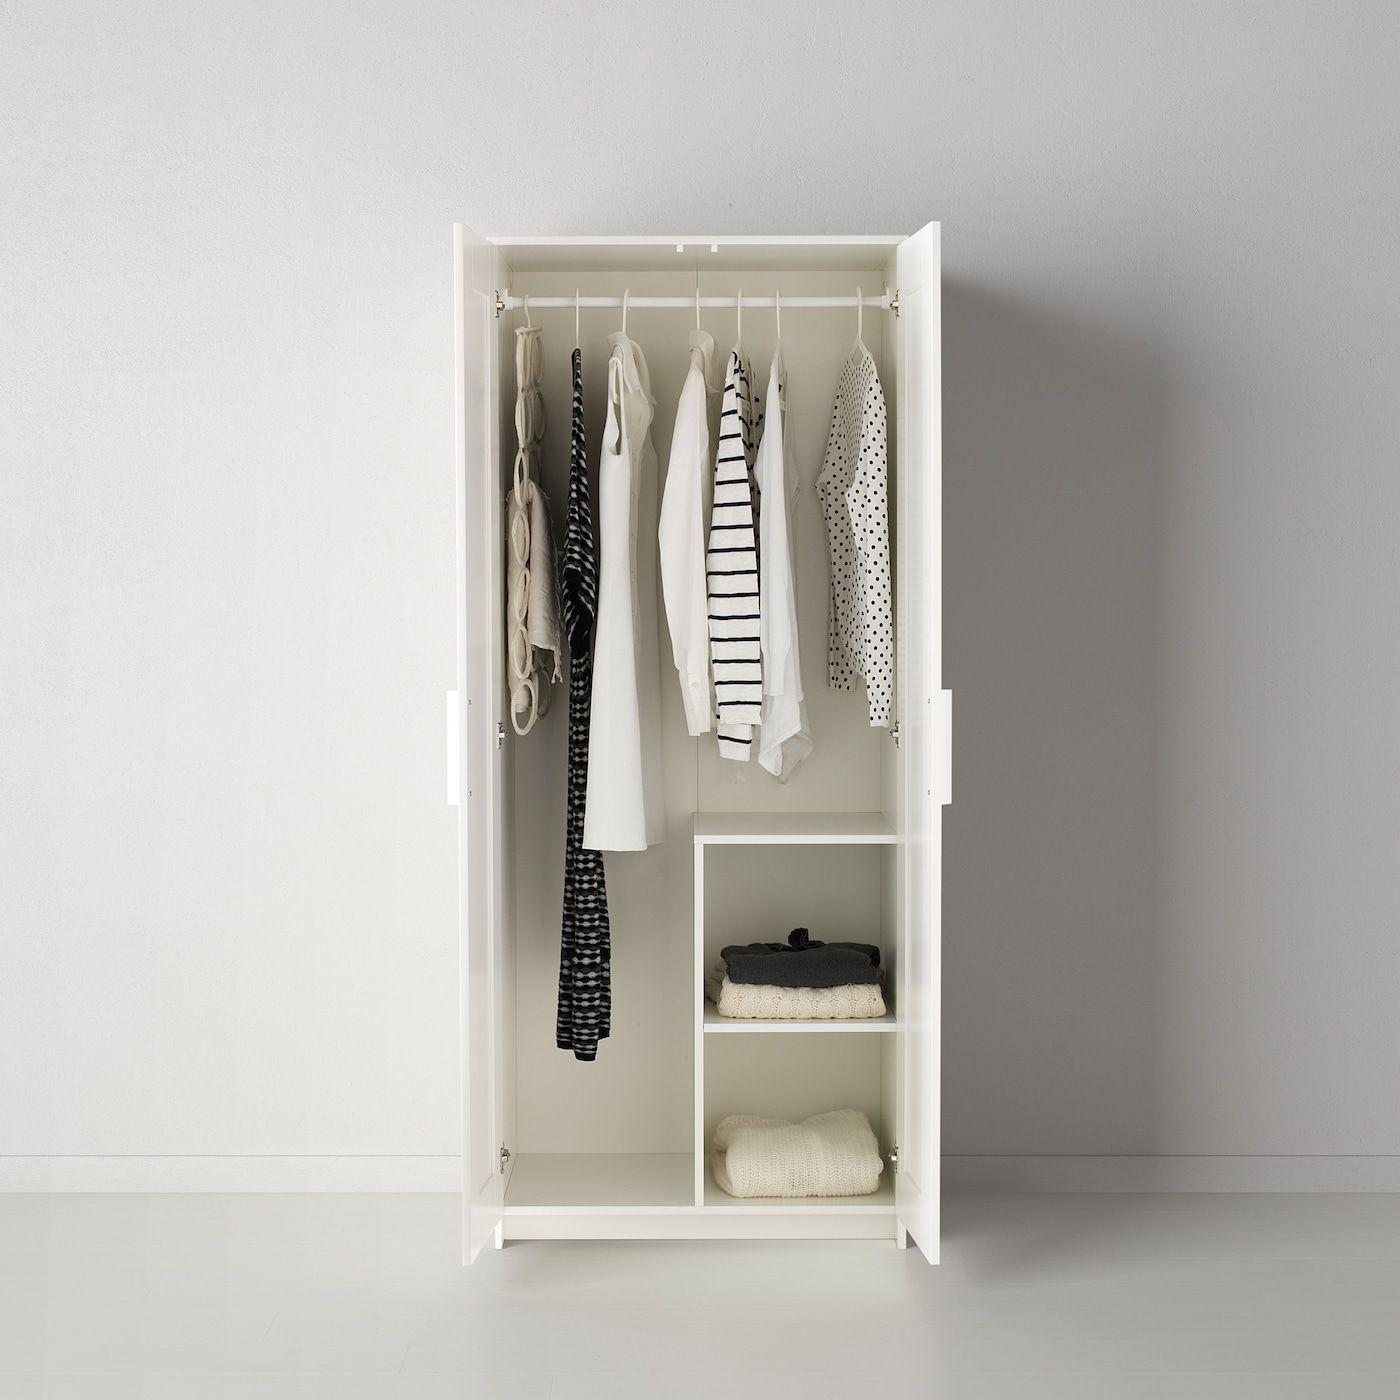 Ikea Brimnes Kleiderschrank Kasten 2 Turig Weiss 2turig